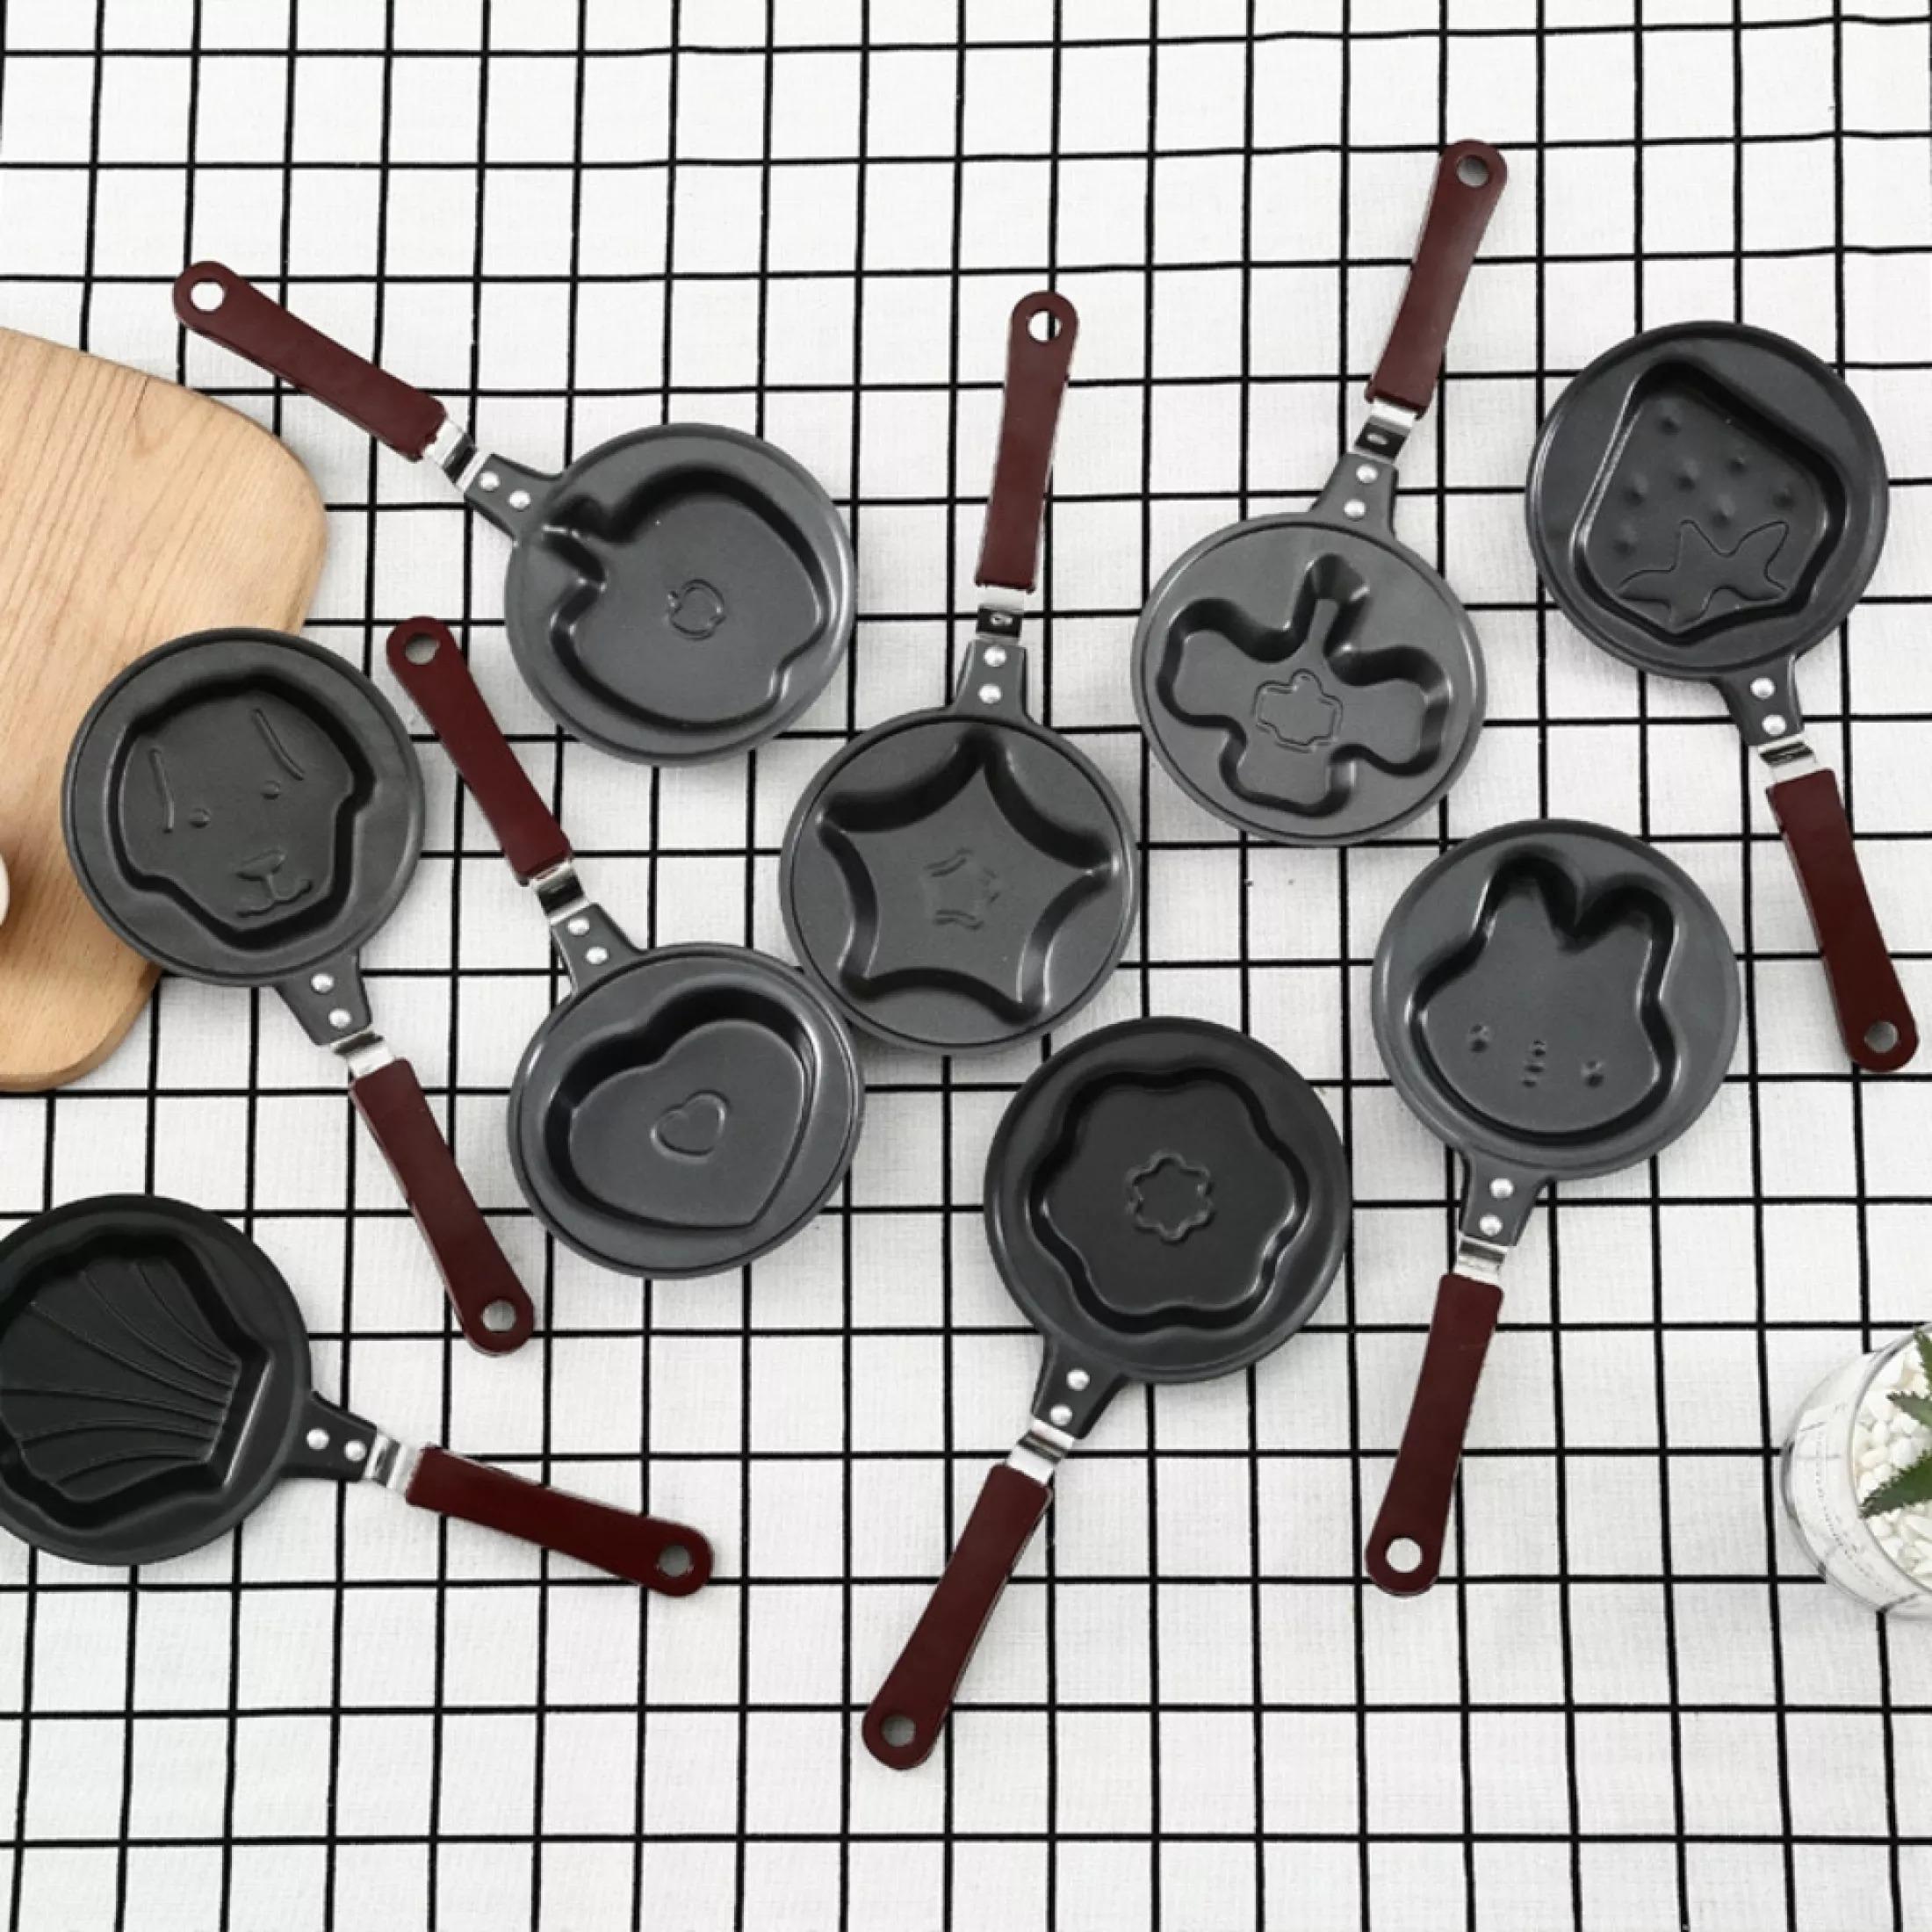 Nếu muốn có đa dạng hình dáng, các đầu bếp có thể chọn mua loại chảo mini dùng làm bánh hoặc chiên trứng với đầy đủ hình thù từ hình trái tim, gấu, thỏ, bông hoa, trái táo, ngôi sao đến mặt cười... Đường kính chảo 12 cm, làm từ chất liệu thép không gỉ và được tráng một lớp chống dính trên bề mặt, dễ chùi rửa, vệ sinh sau khi sử dụng. Chảo dùng được trên các loại bếp cảm ứng, có tay cầm chống nhiệt, chú ý không dùng cho lò vi sống. Sản phẩm có giá chỉ 28.500 đồng, giảm 42% so với giá gốc.